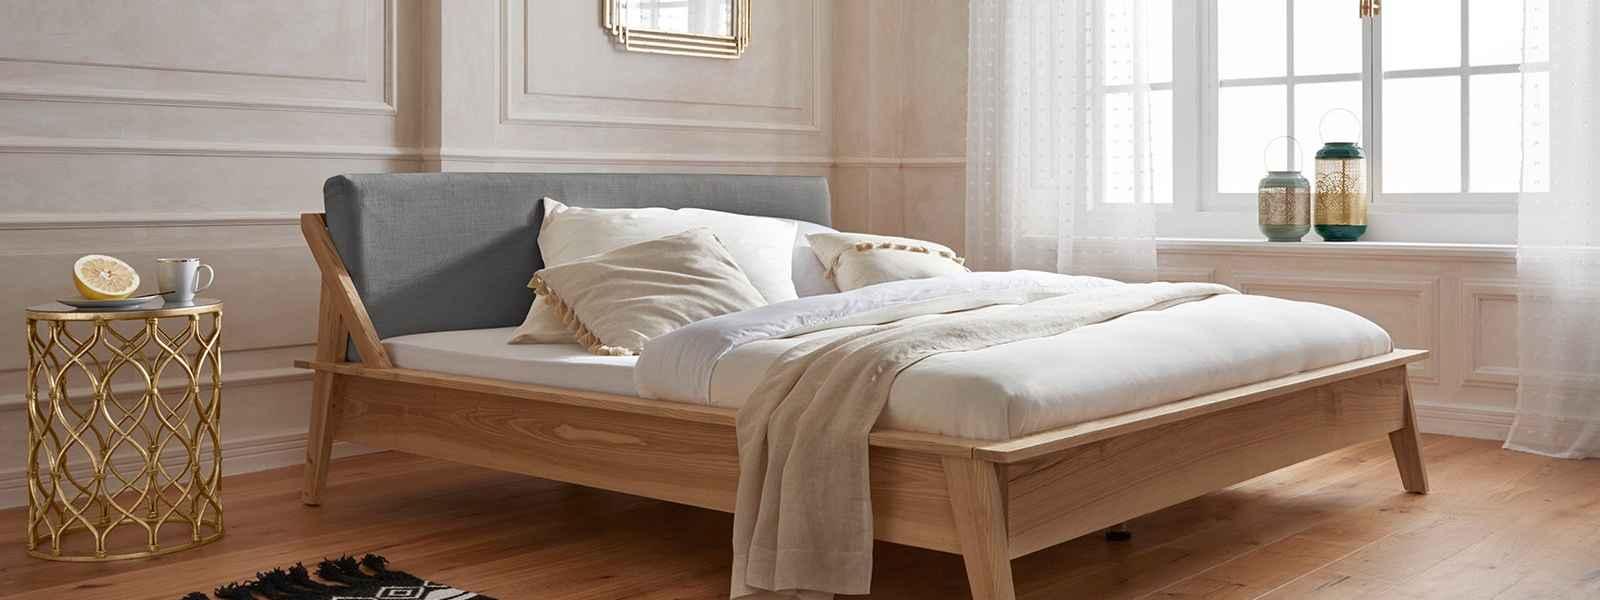 Schlafzimmer-Textilien